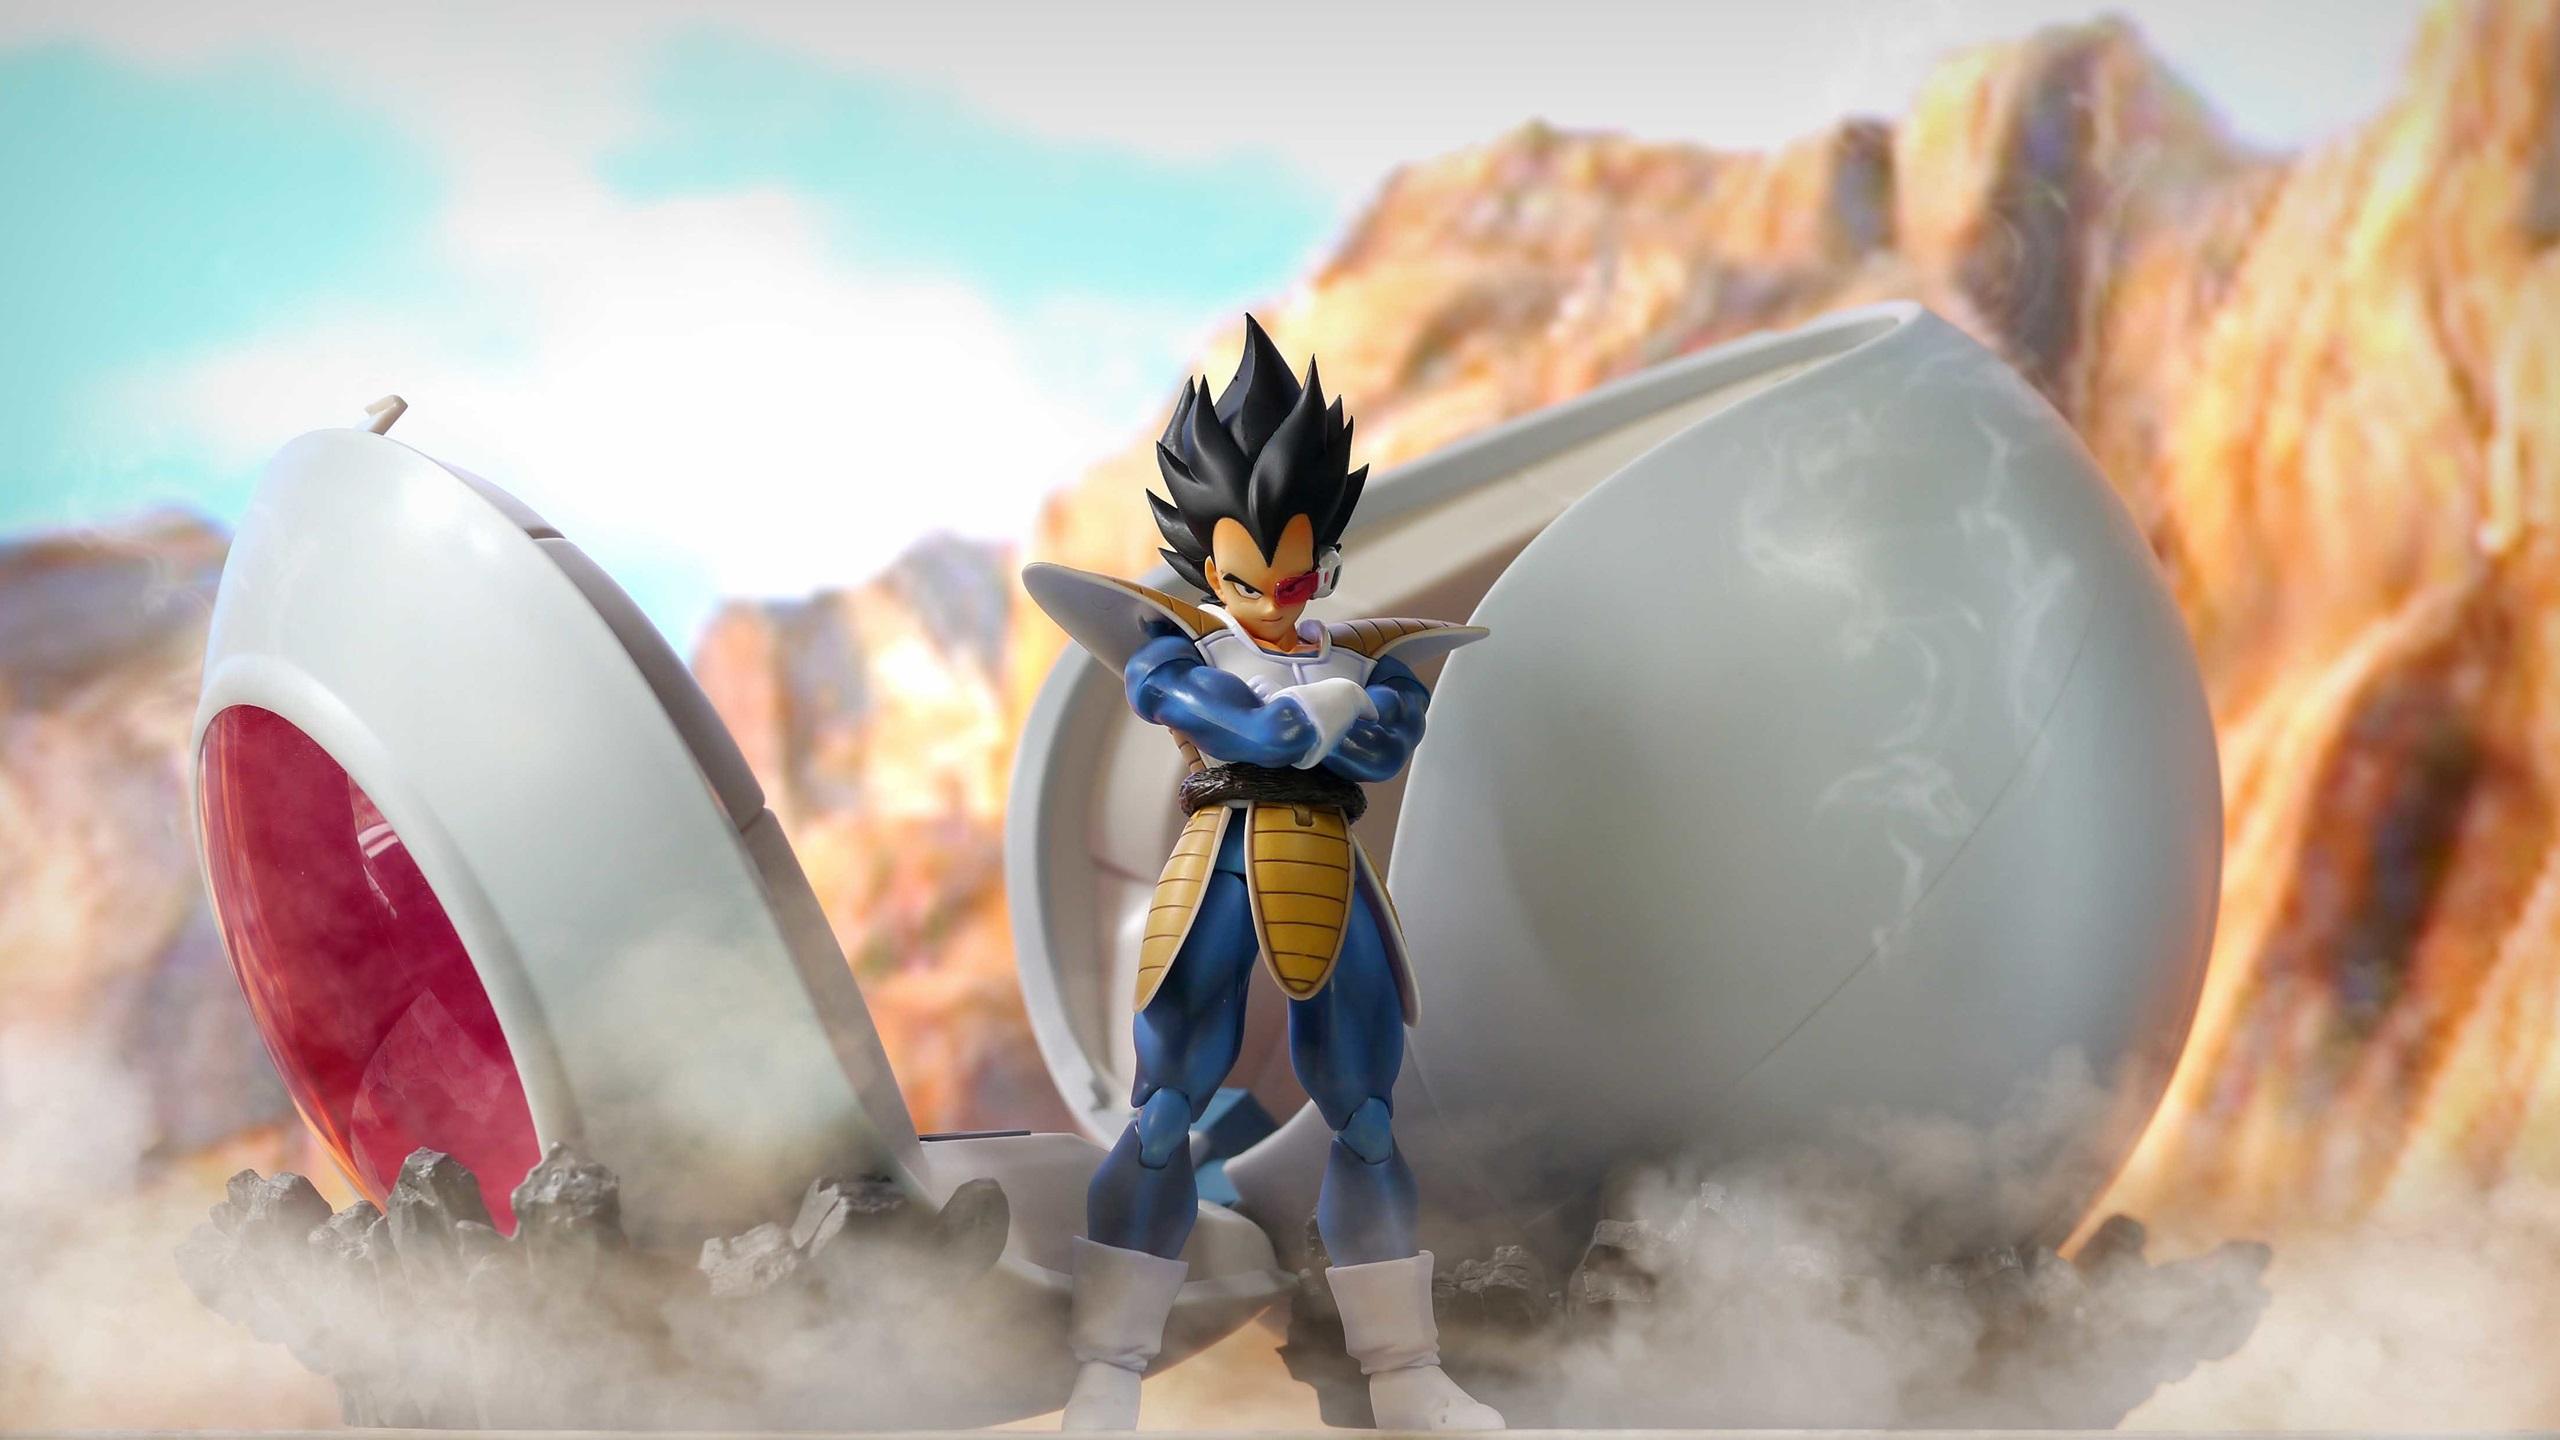 Fonds d'écran Dragon Ball Z, Super Saiyan, anime 3D 2560x1440 QHD image